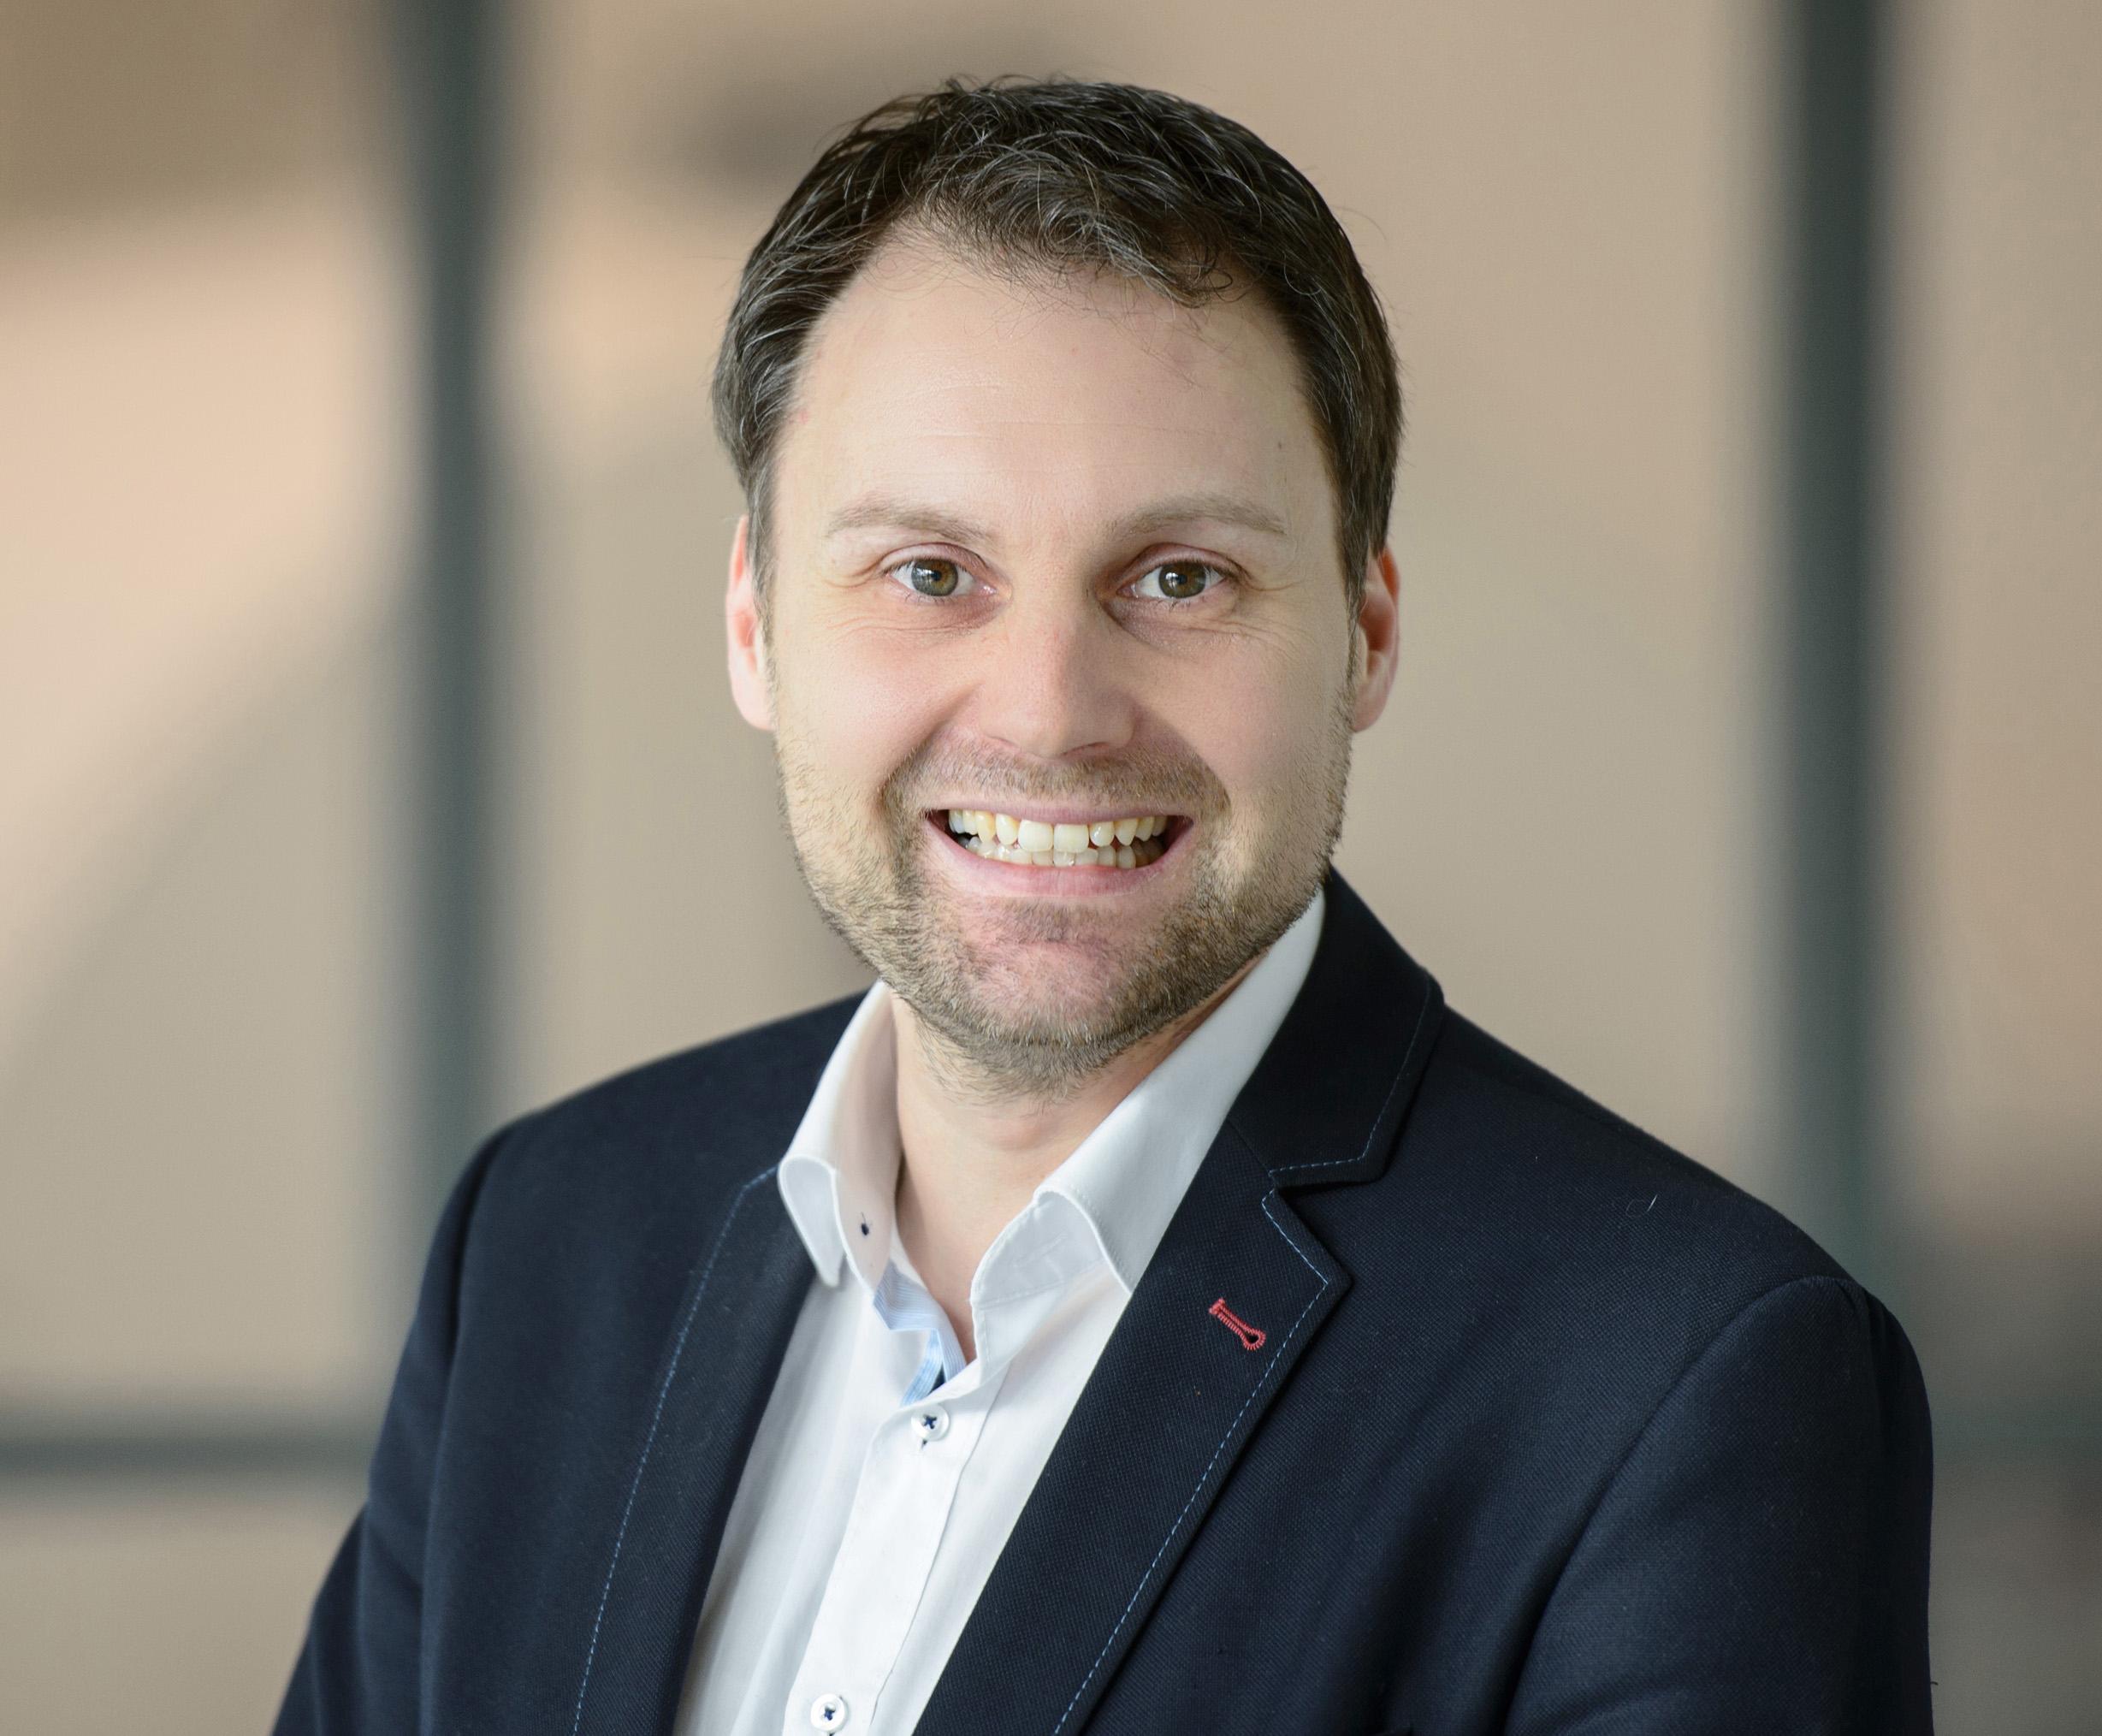 Dr. Jörg Merlein